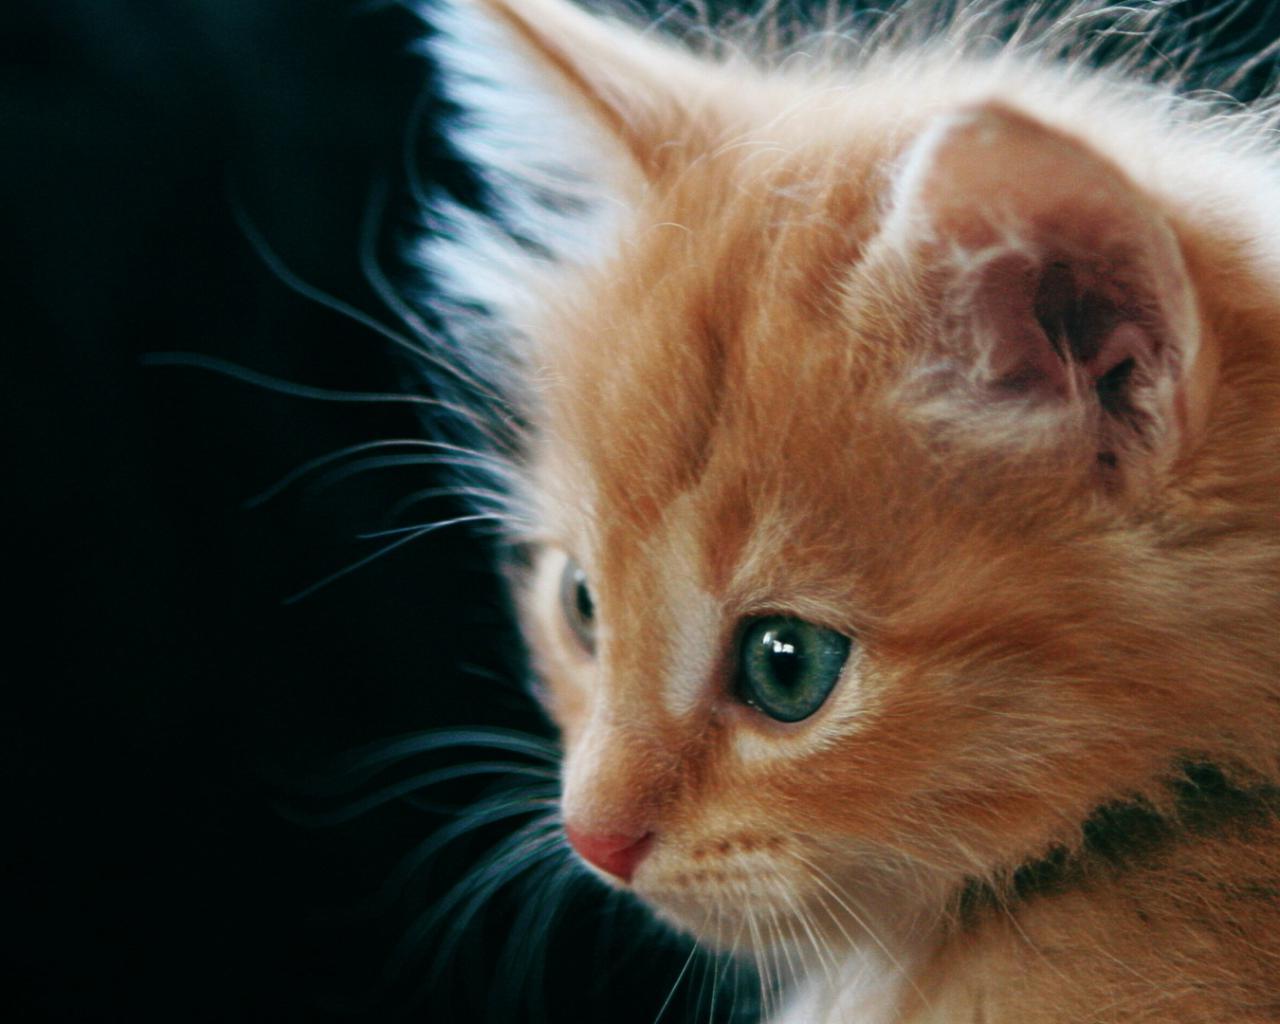 Картинки рыжих кошек с голубыми глазами, для днем